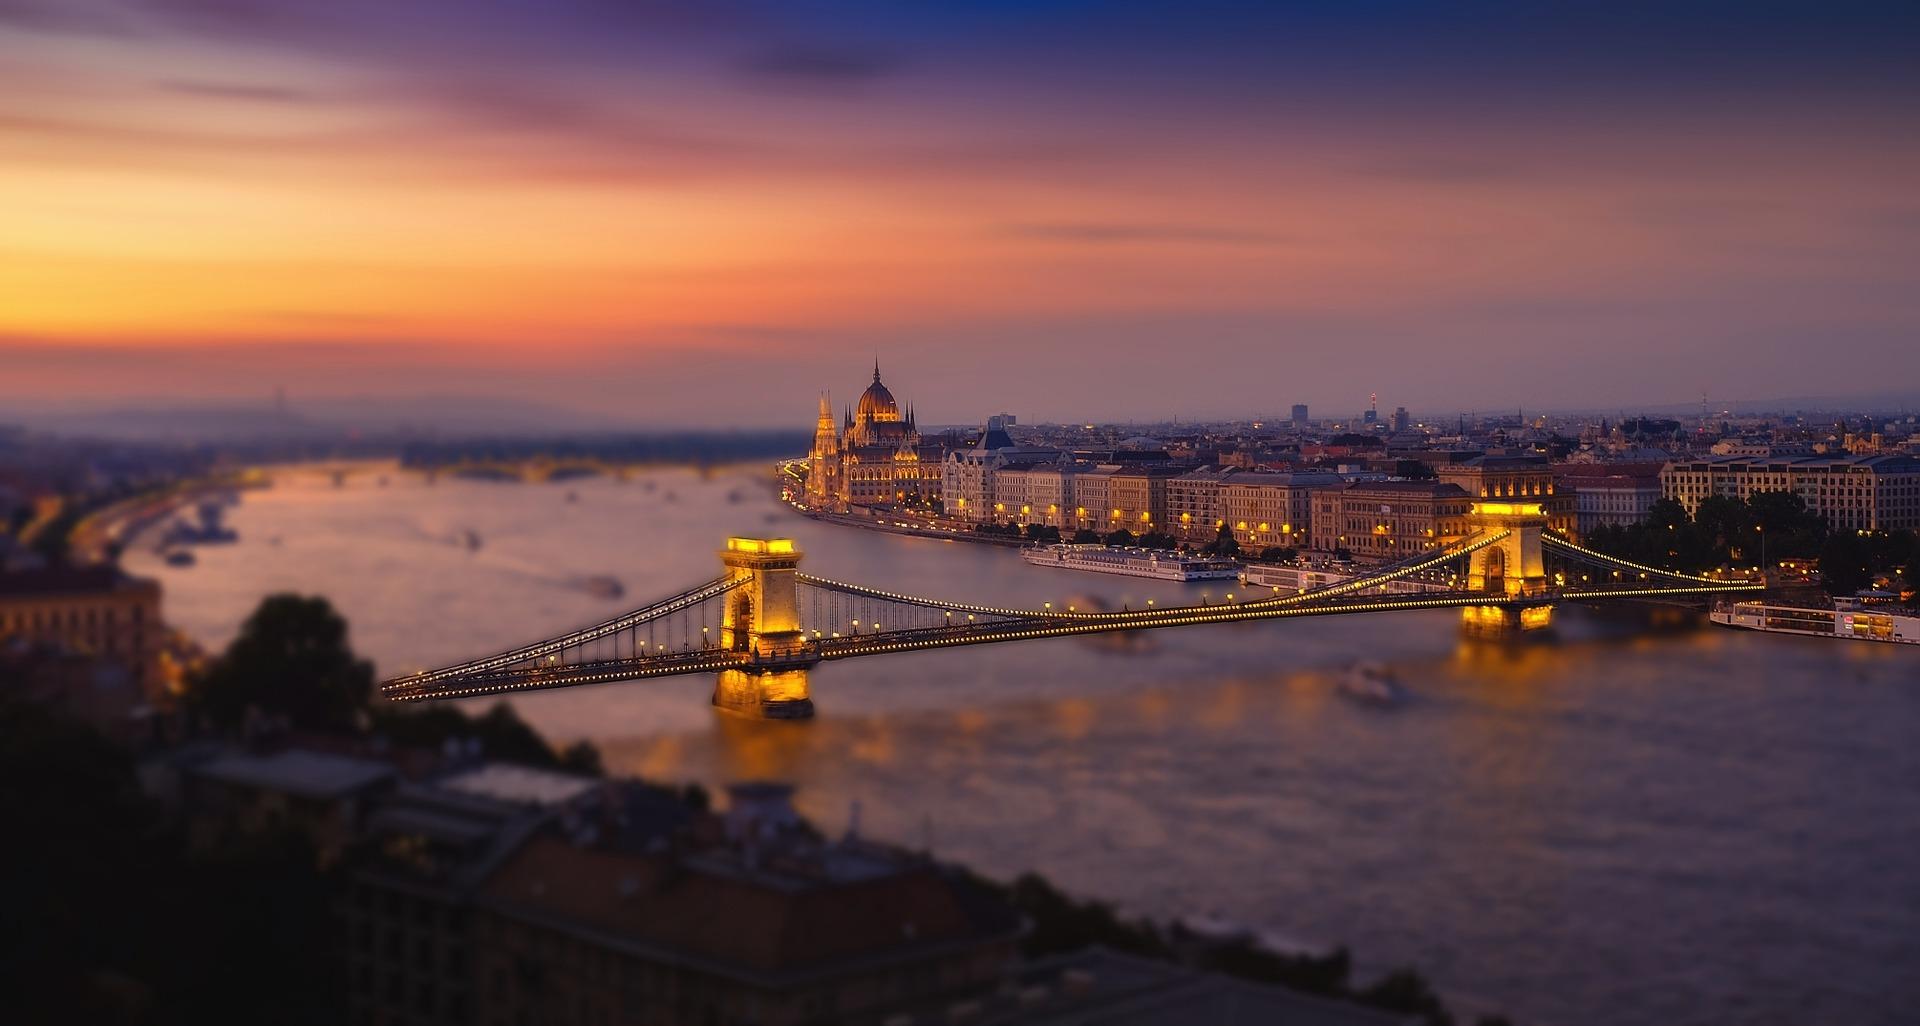 Die Hauptstadt von Ungarn schläft nicht auch wenn die Nacht eintrifft